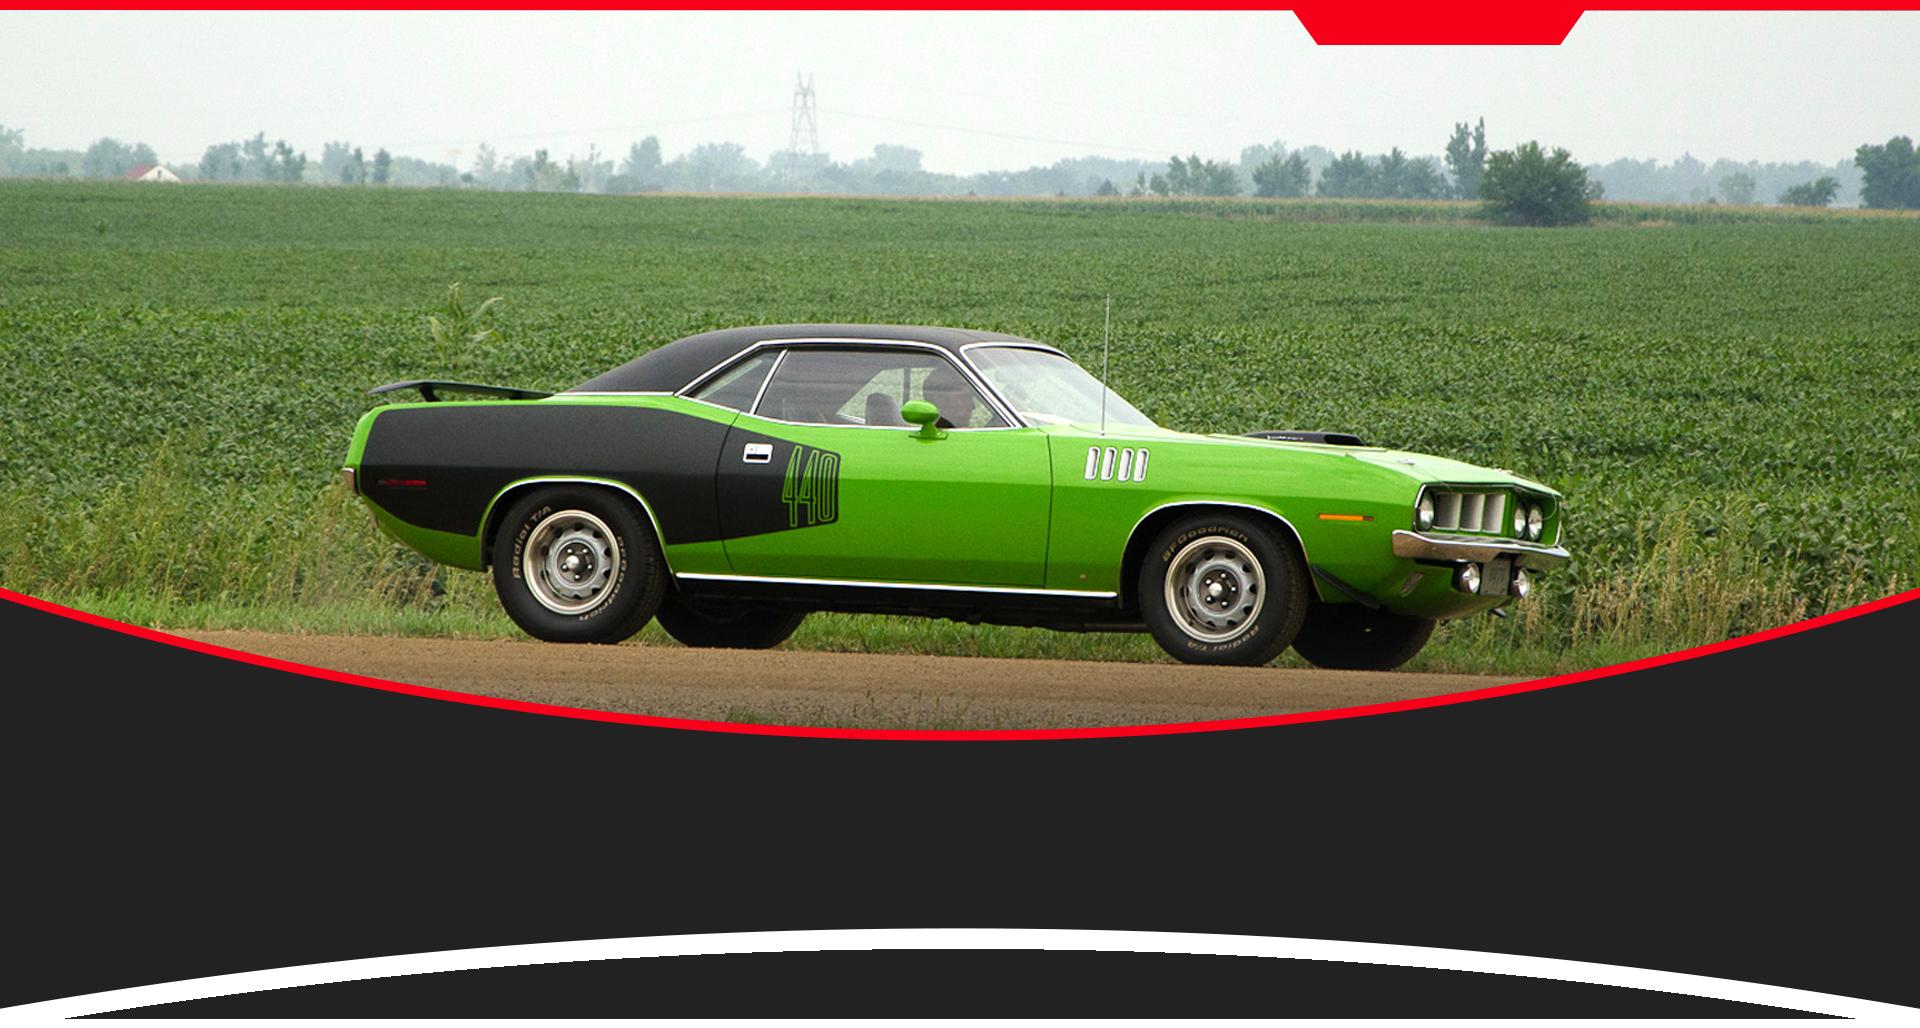 VEHICLE LIQUIDATION - Used Cars - Littlerock CA Dealer